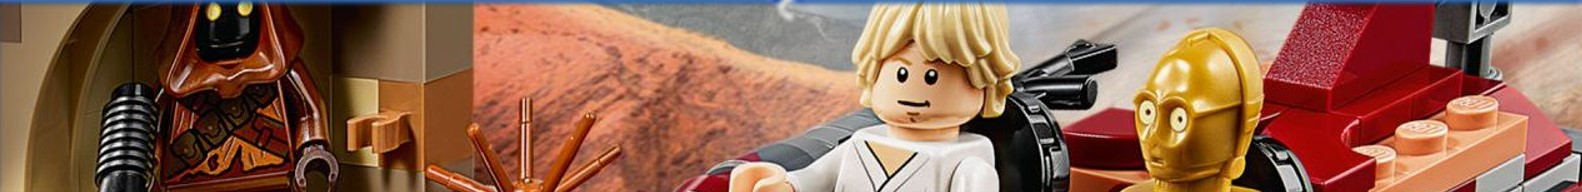 Lego Star Wars (2020)